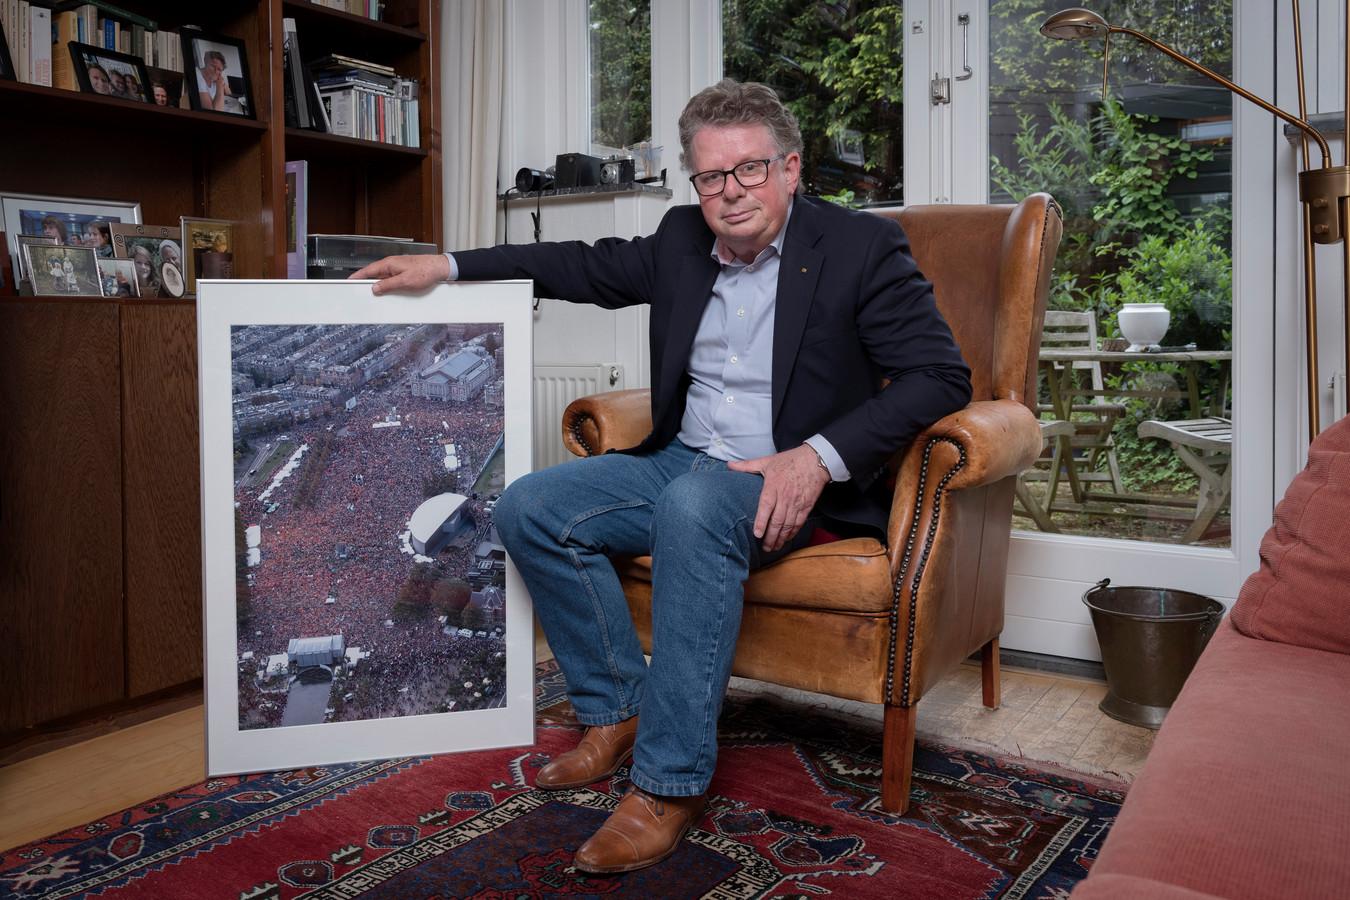 Lodewijk de Waal, thuis in Haarlem laat hij trots een foto zien uit 2004 van het museumplein vol demonstranten.